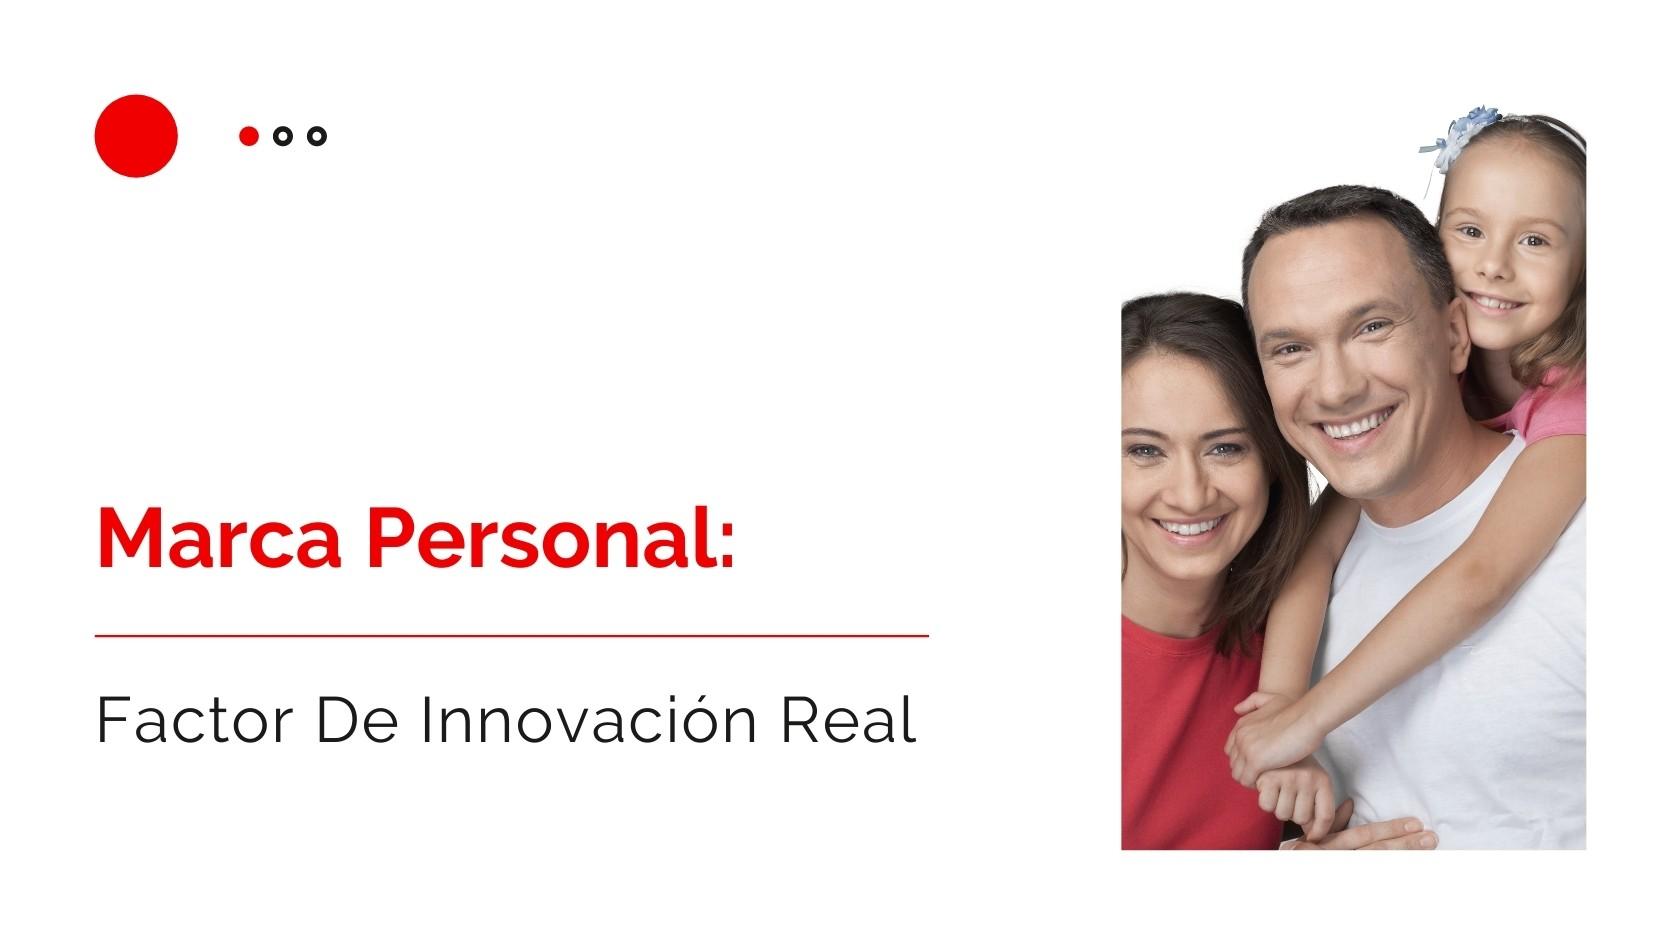 Héctor Jimenez - Marca Personal - Factor De Innovación Real - 1